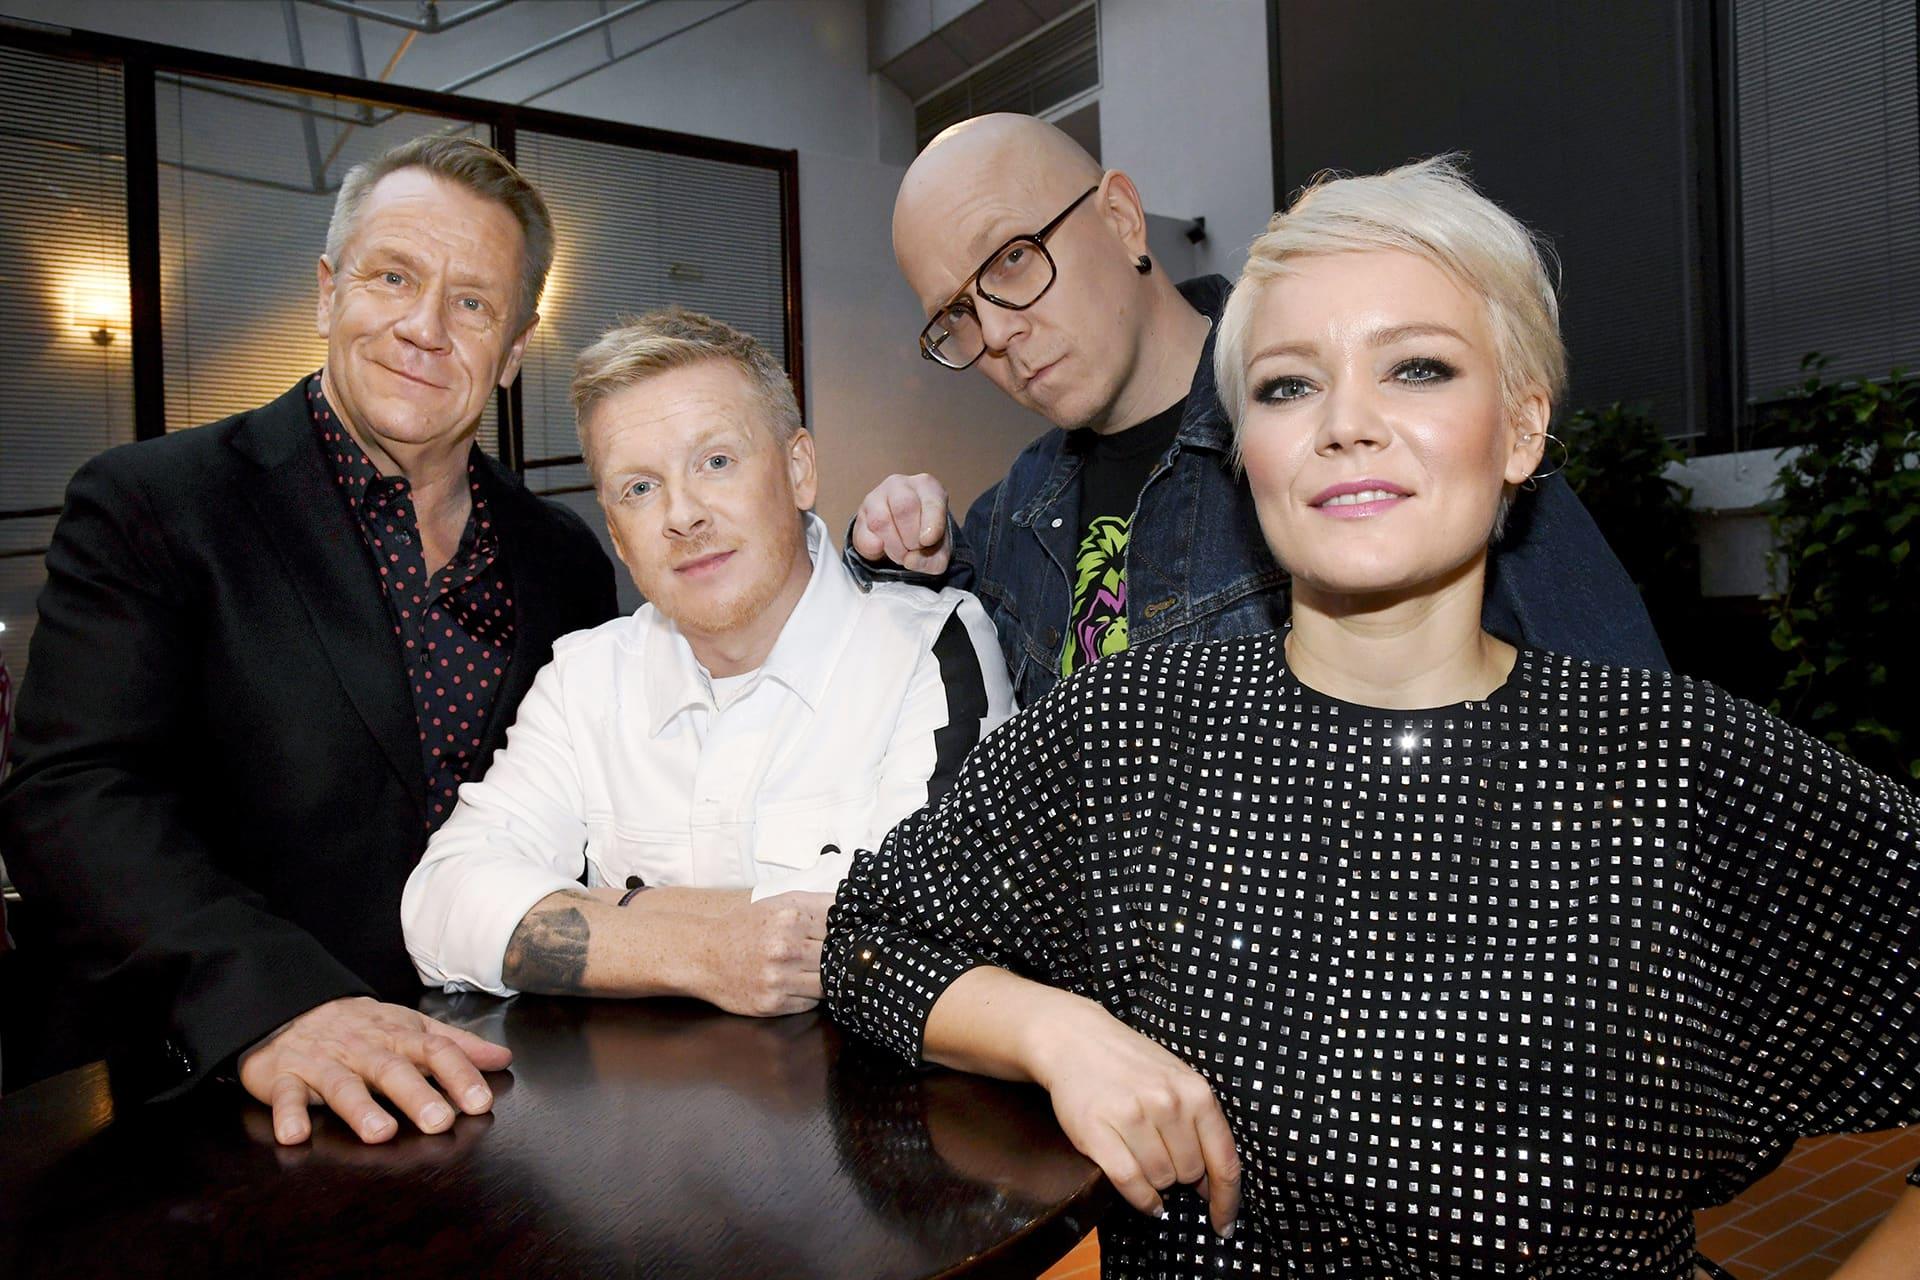 The Voice of Finland laulukilpailun tähtivalmentajat Olli Lindholm (vas.), Redrama, Toni Wirtanen ja Anna Puu